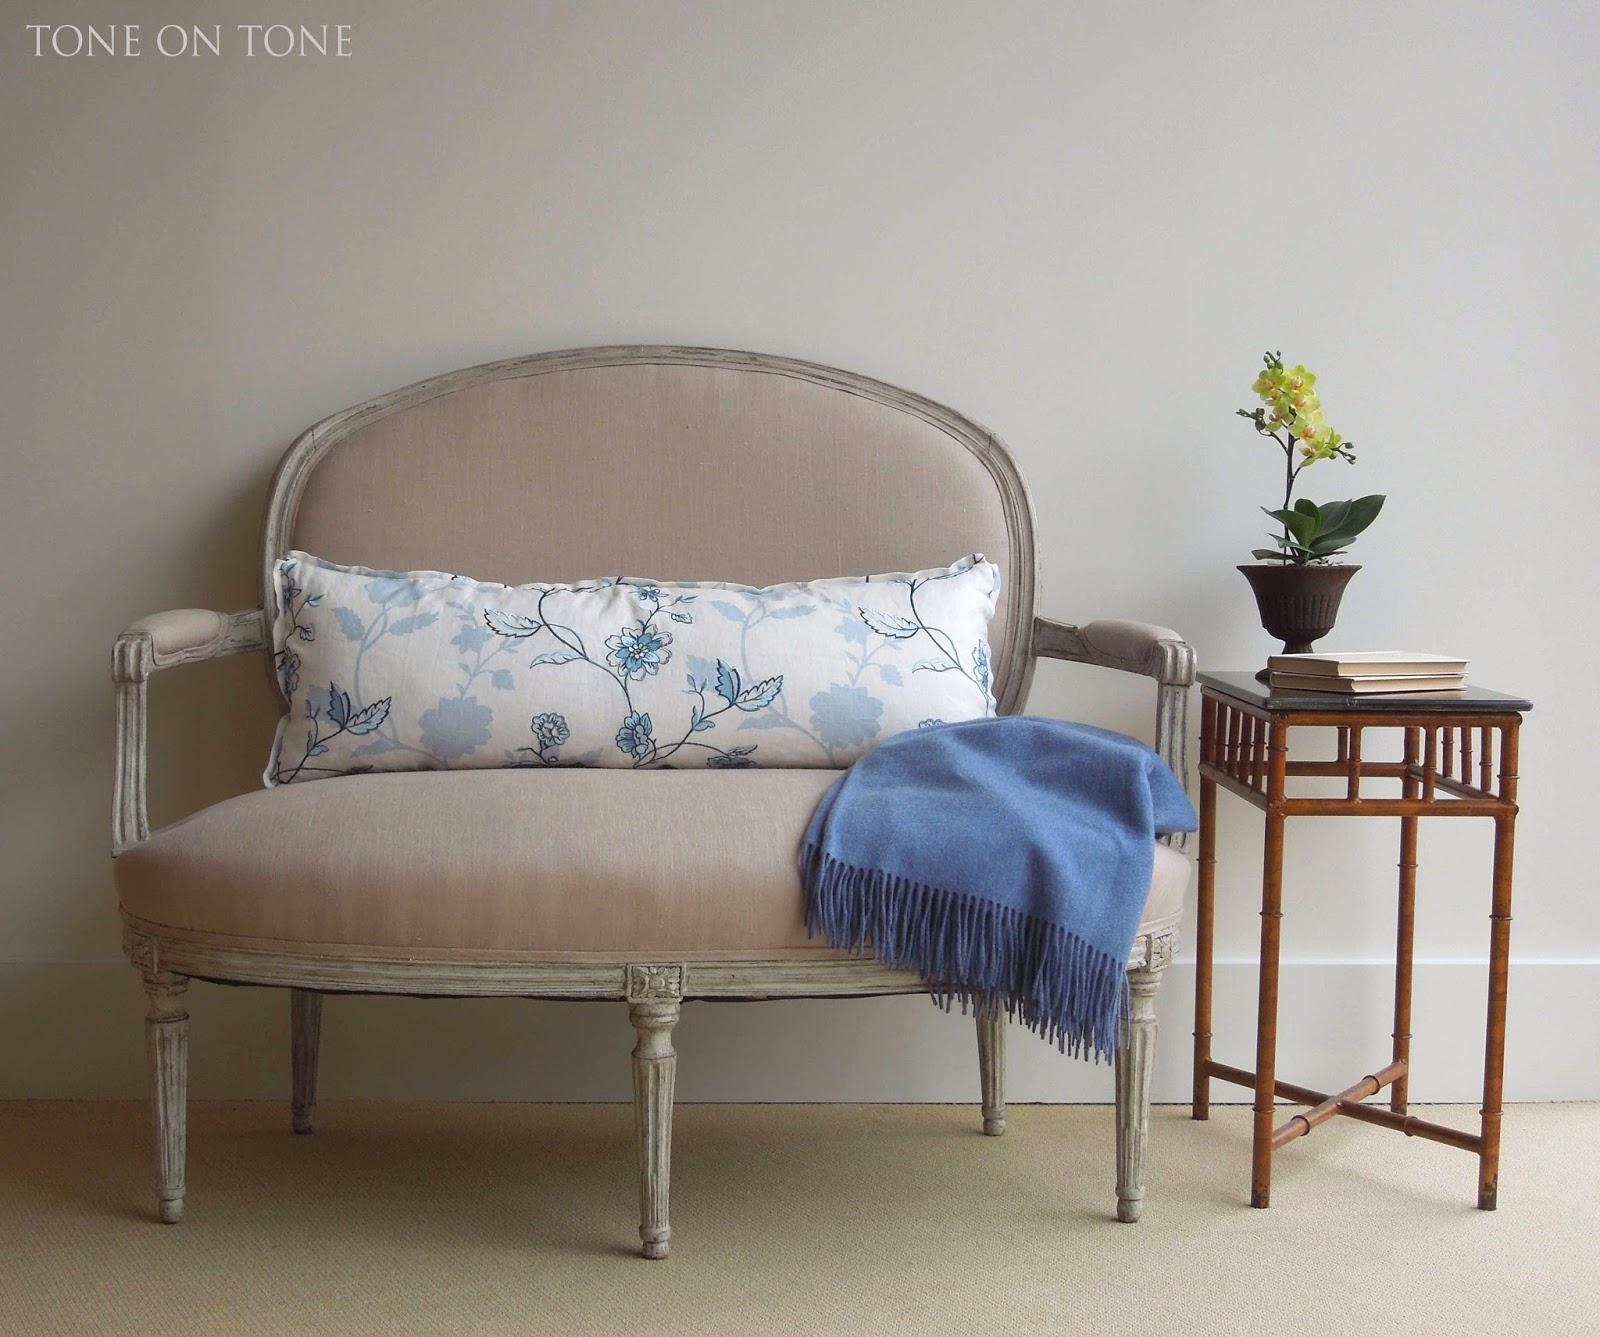 kravet animal print cut velvet 20 x 20 beige taupe pillow cover soft welting fab home decor patterer home decor pillows